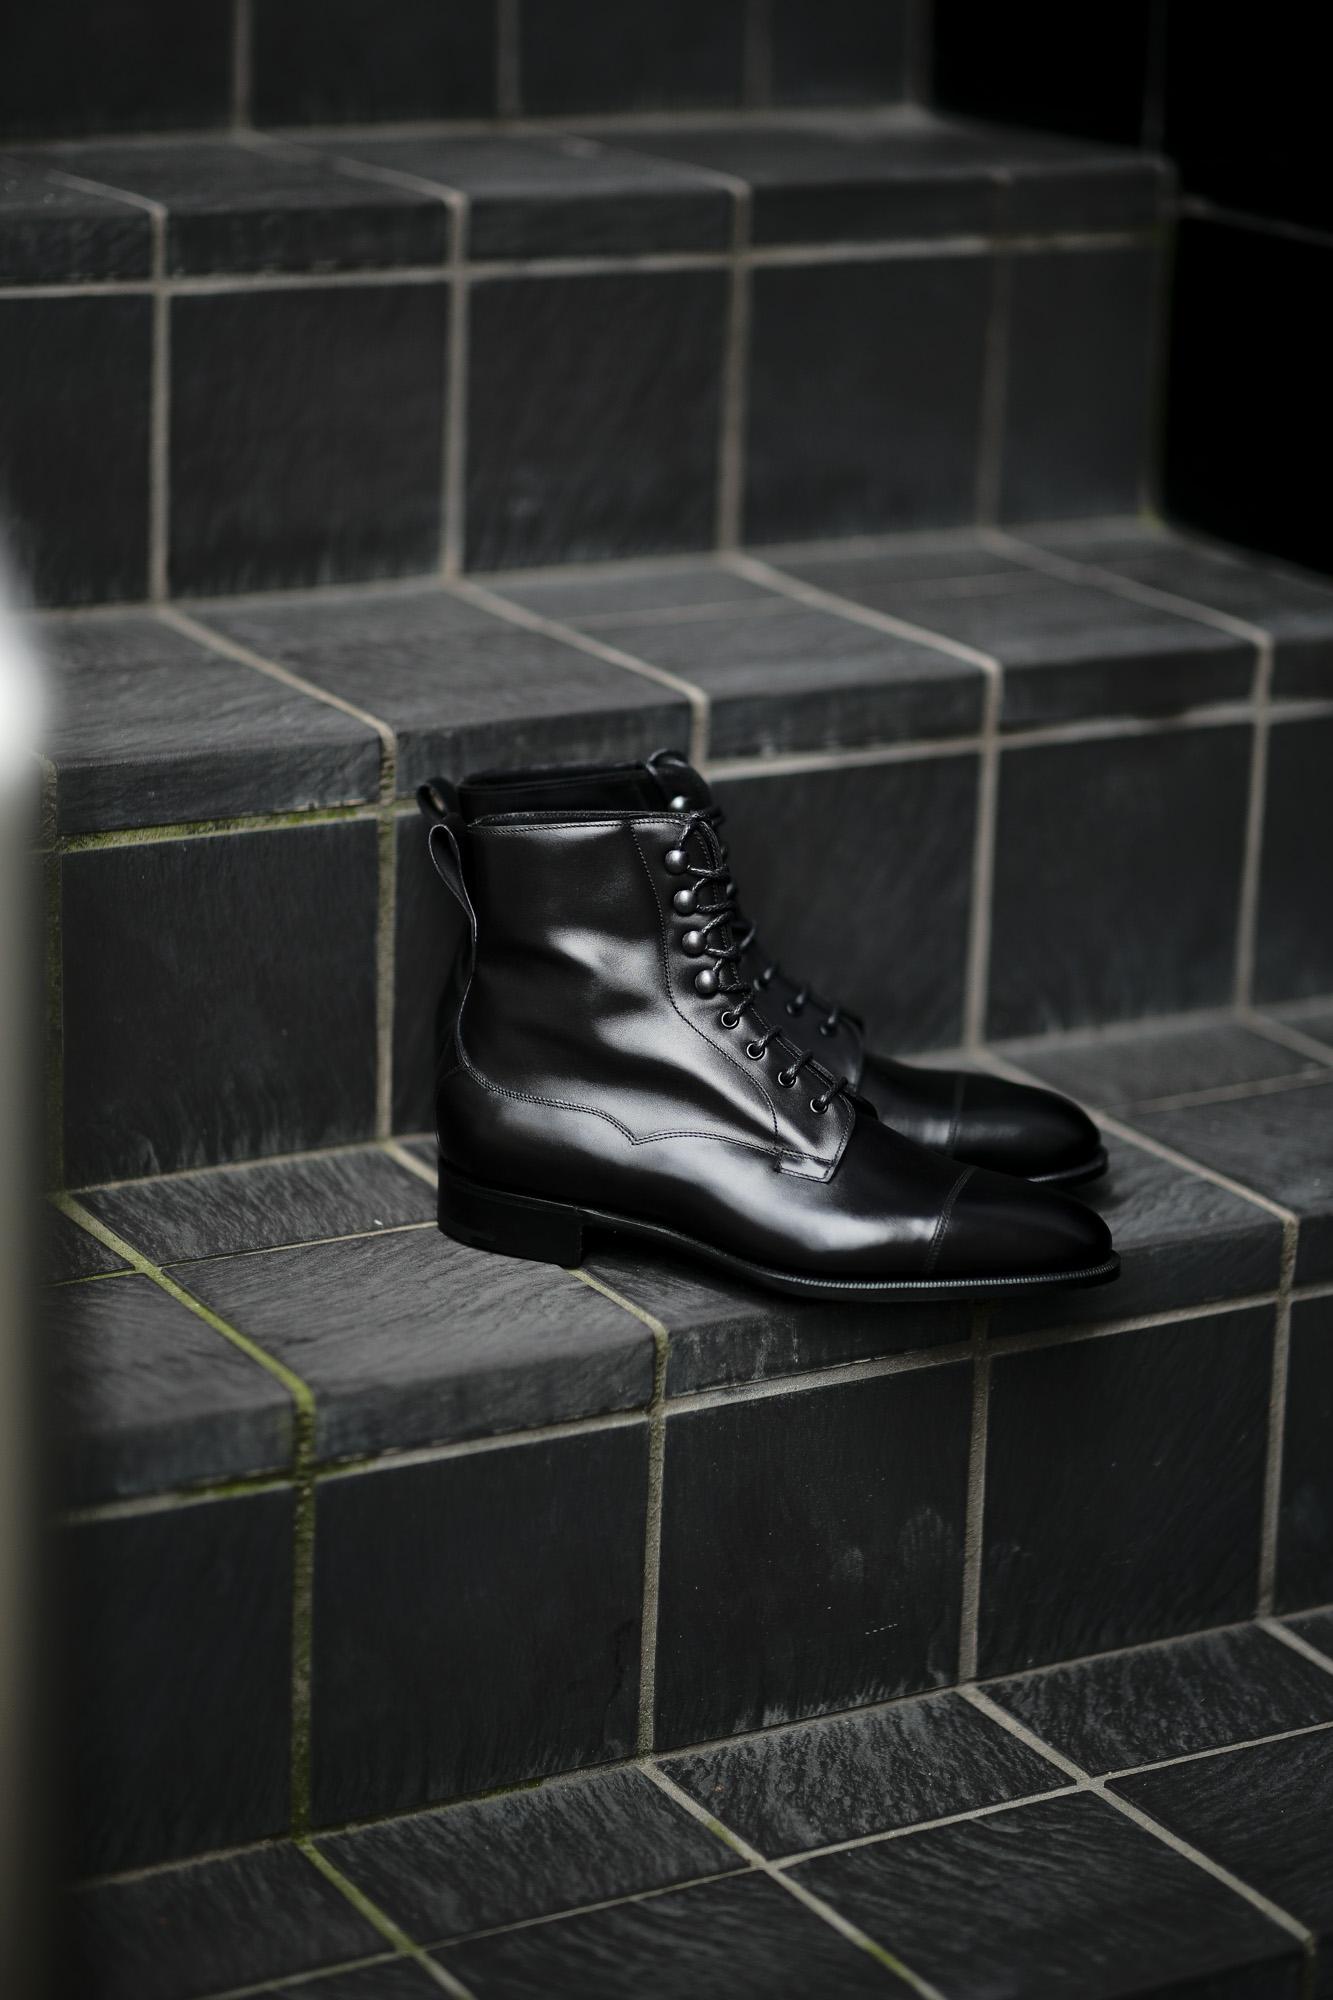 EDWARD GREEN (エドワードグリーン) GALWAY (ゴールウェイ) 82LAST E Lace up boots Black Calf ブラックカーフレザー レースアップブーツ BLACK (ブラック) Made In England (イギリス製) 2021 秋冬 【入荷しました】【フリー分発売開始】愛知 名古屋 Alto e Diritto altoediritto アルトエデリット レザーブーツ